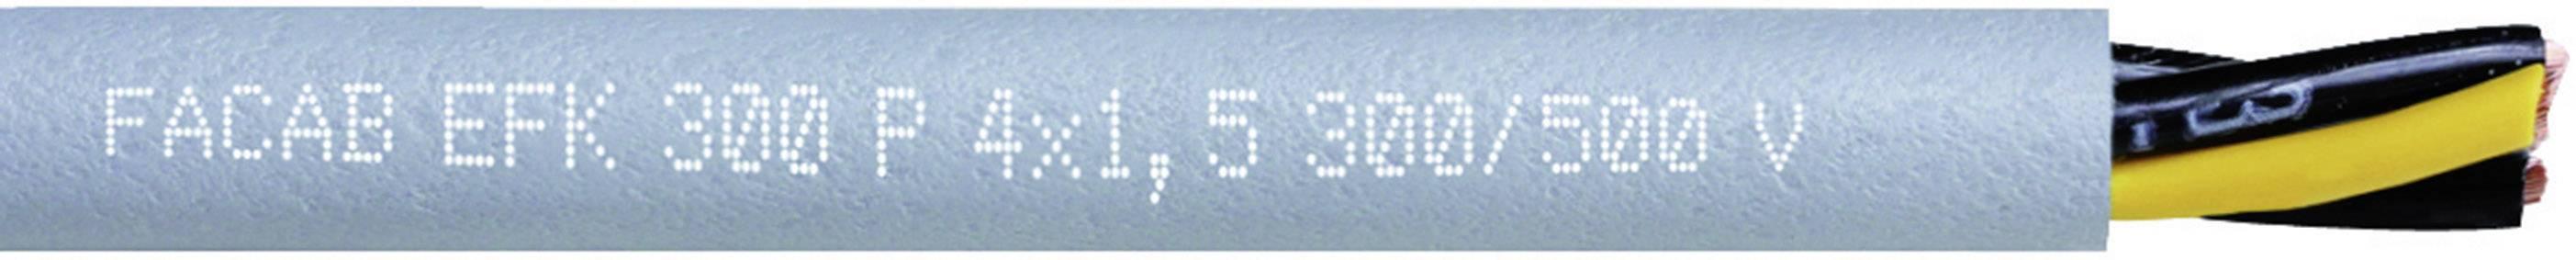 Tažný kabel Faber Kabel EFK 300 P AD300 - SCHLEPPLTG. TPE/PUR (031007), 3x 1,5 mm², polyurethan, Ø 7,2 mm, nes